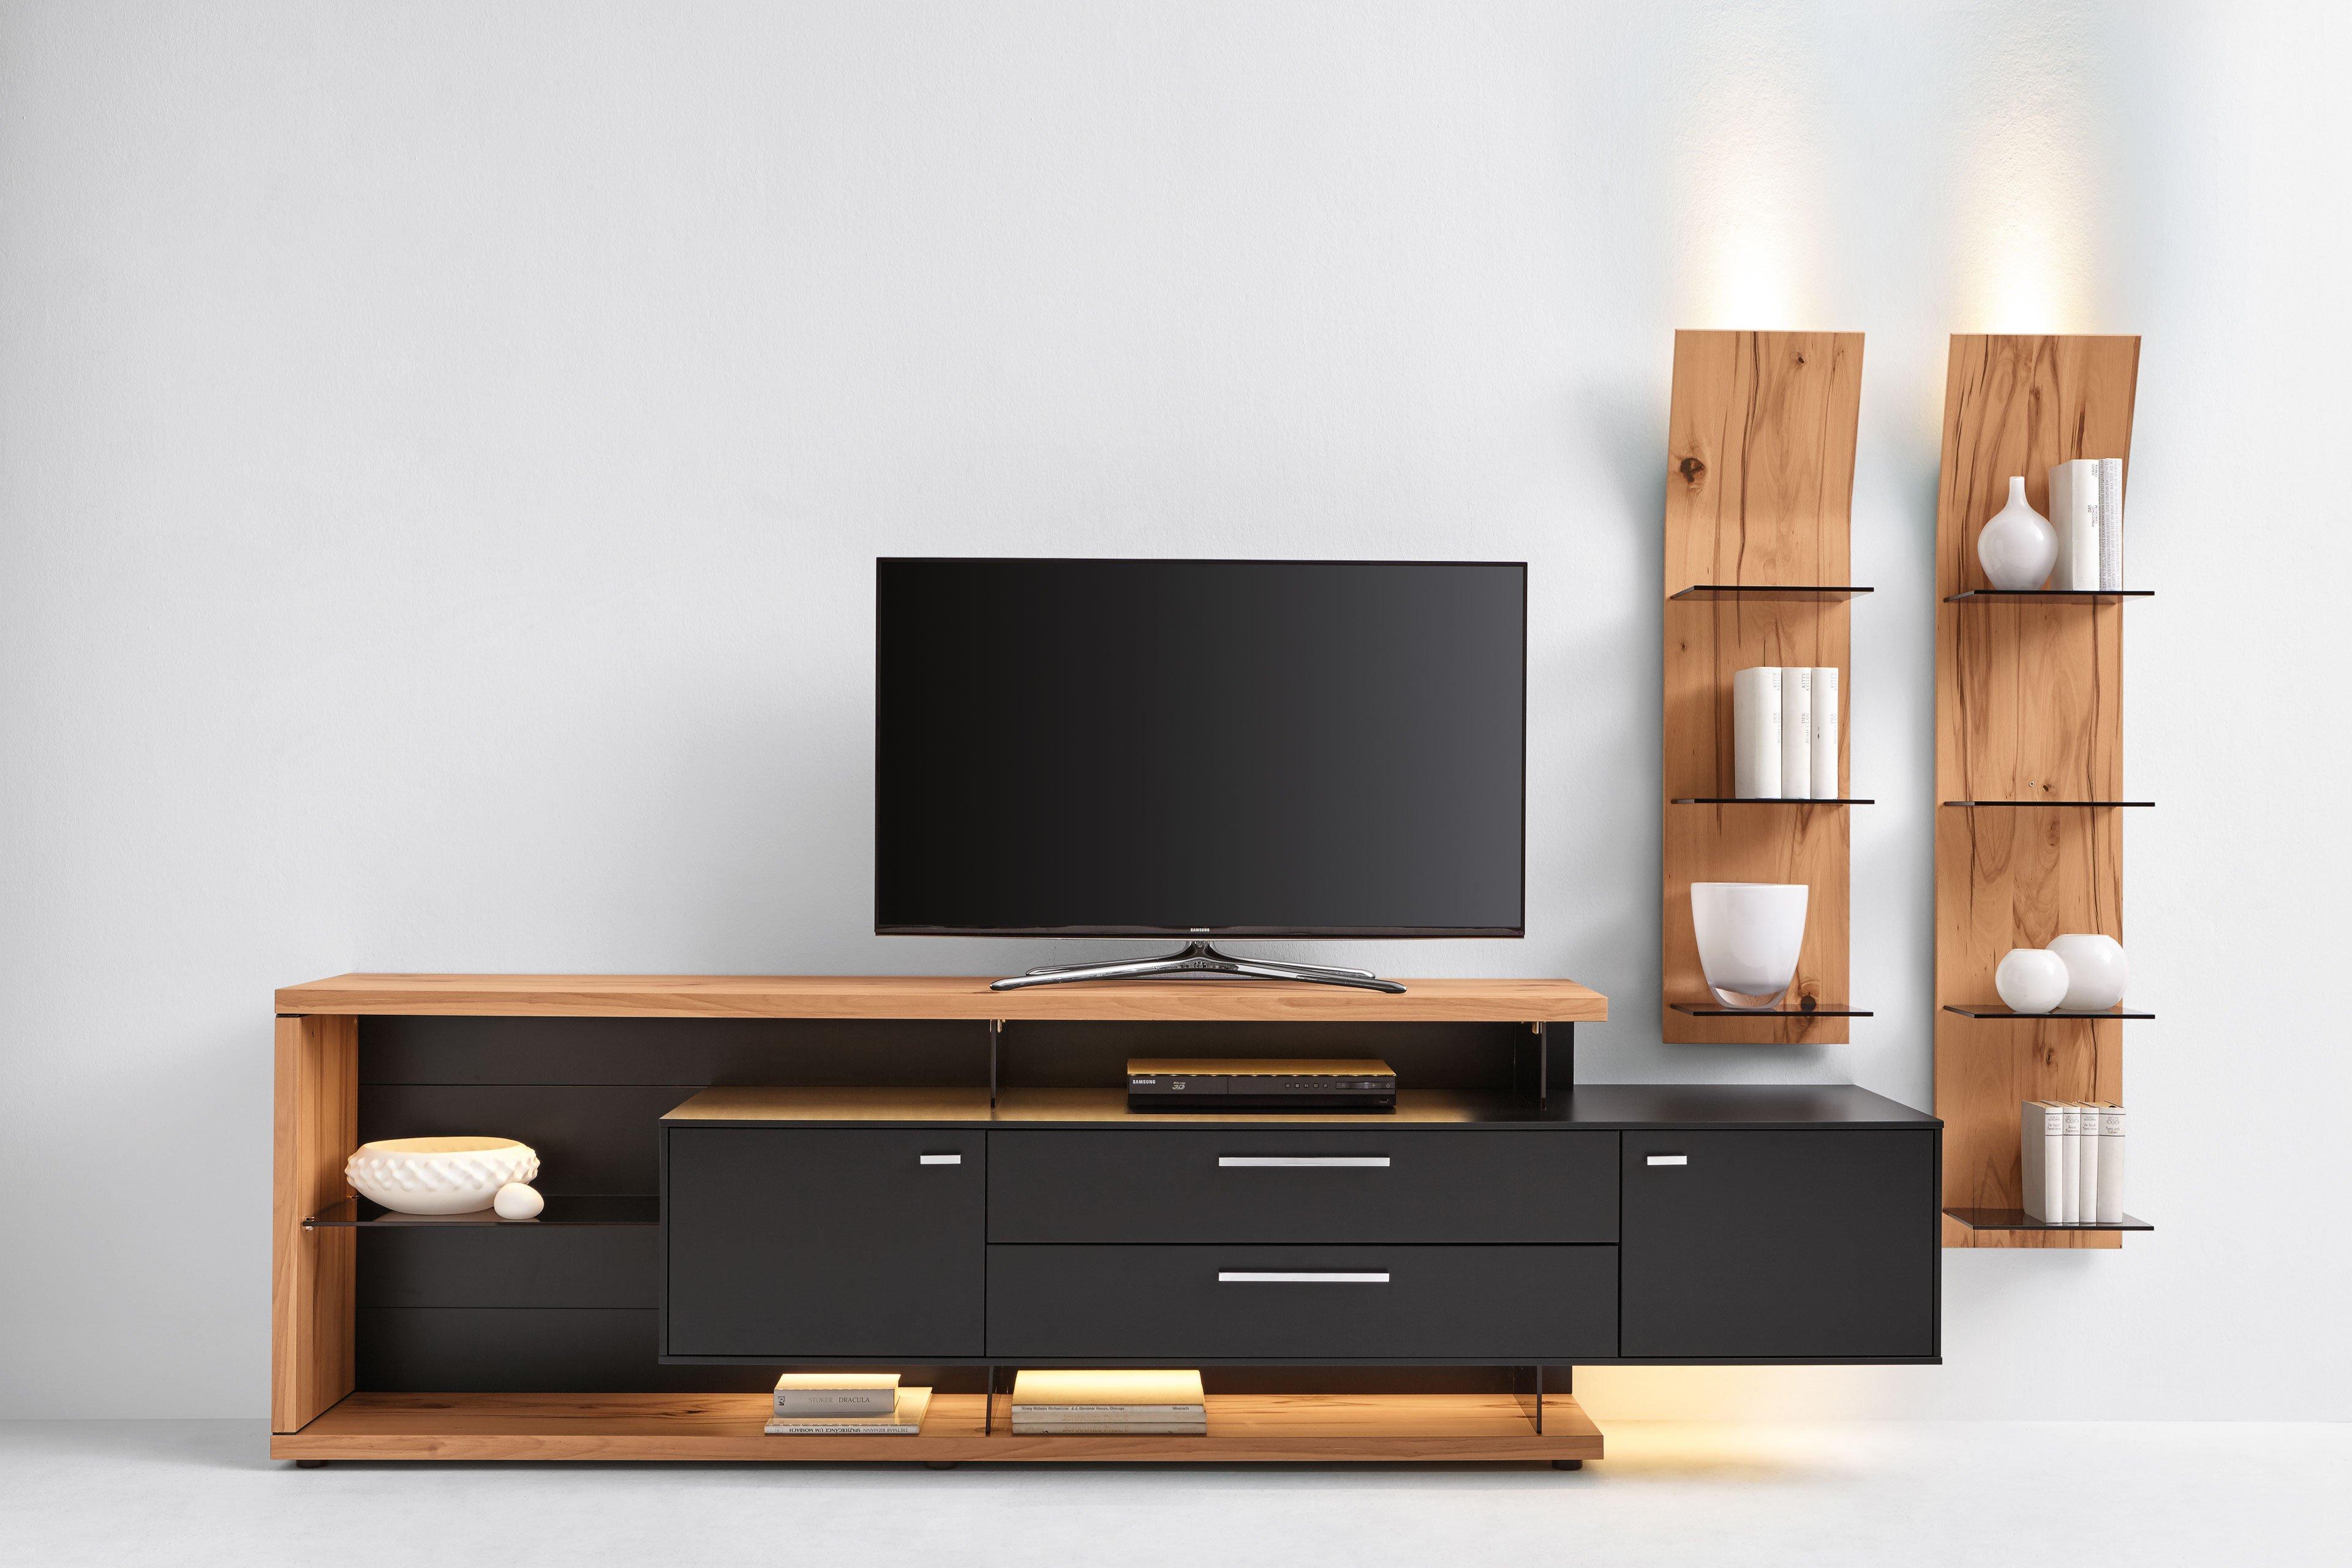 gwinner wohnwand media concept mc906 schwarz kernbuche m bel letz ihr online shop. Black Bedroom Furniture Sets. Home Design Ideas